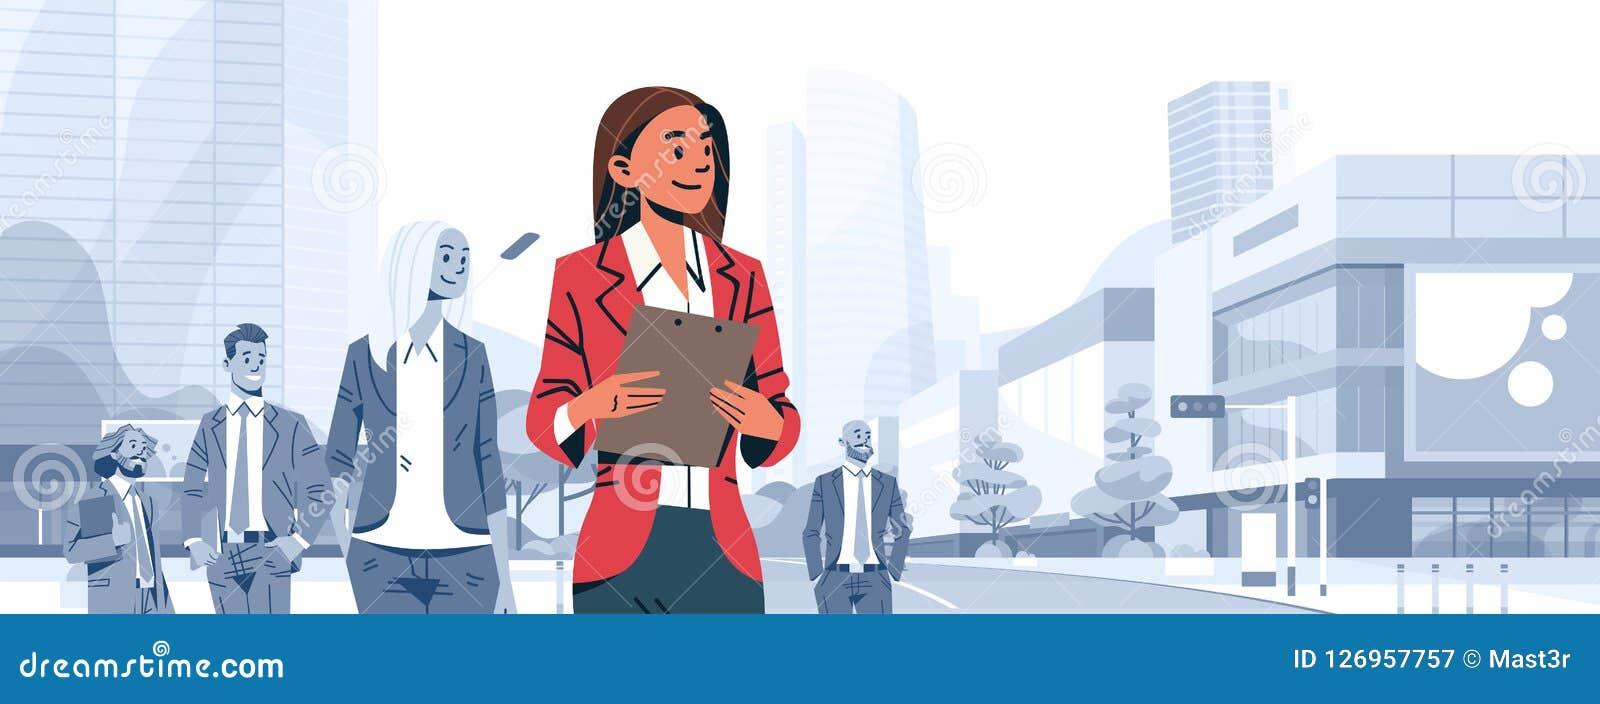 Босс руководителя группы коммерсантки стоит вне бизнесмены персонажа из мультфильма женщины концепции руководства группы индивиду